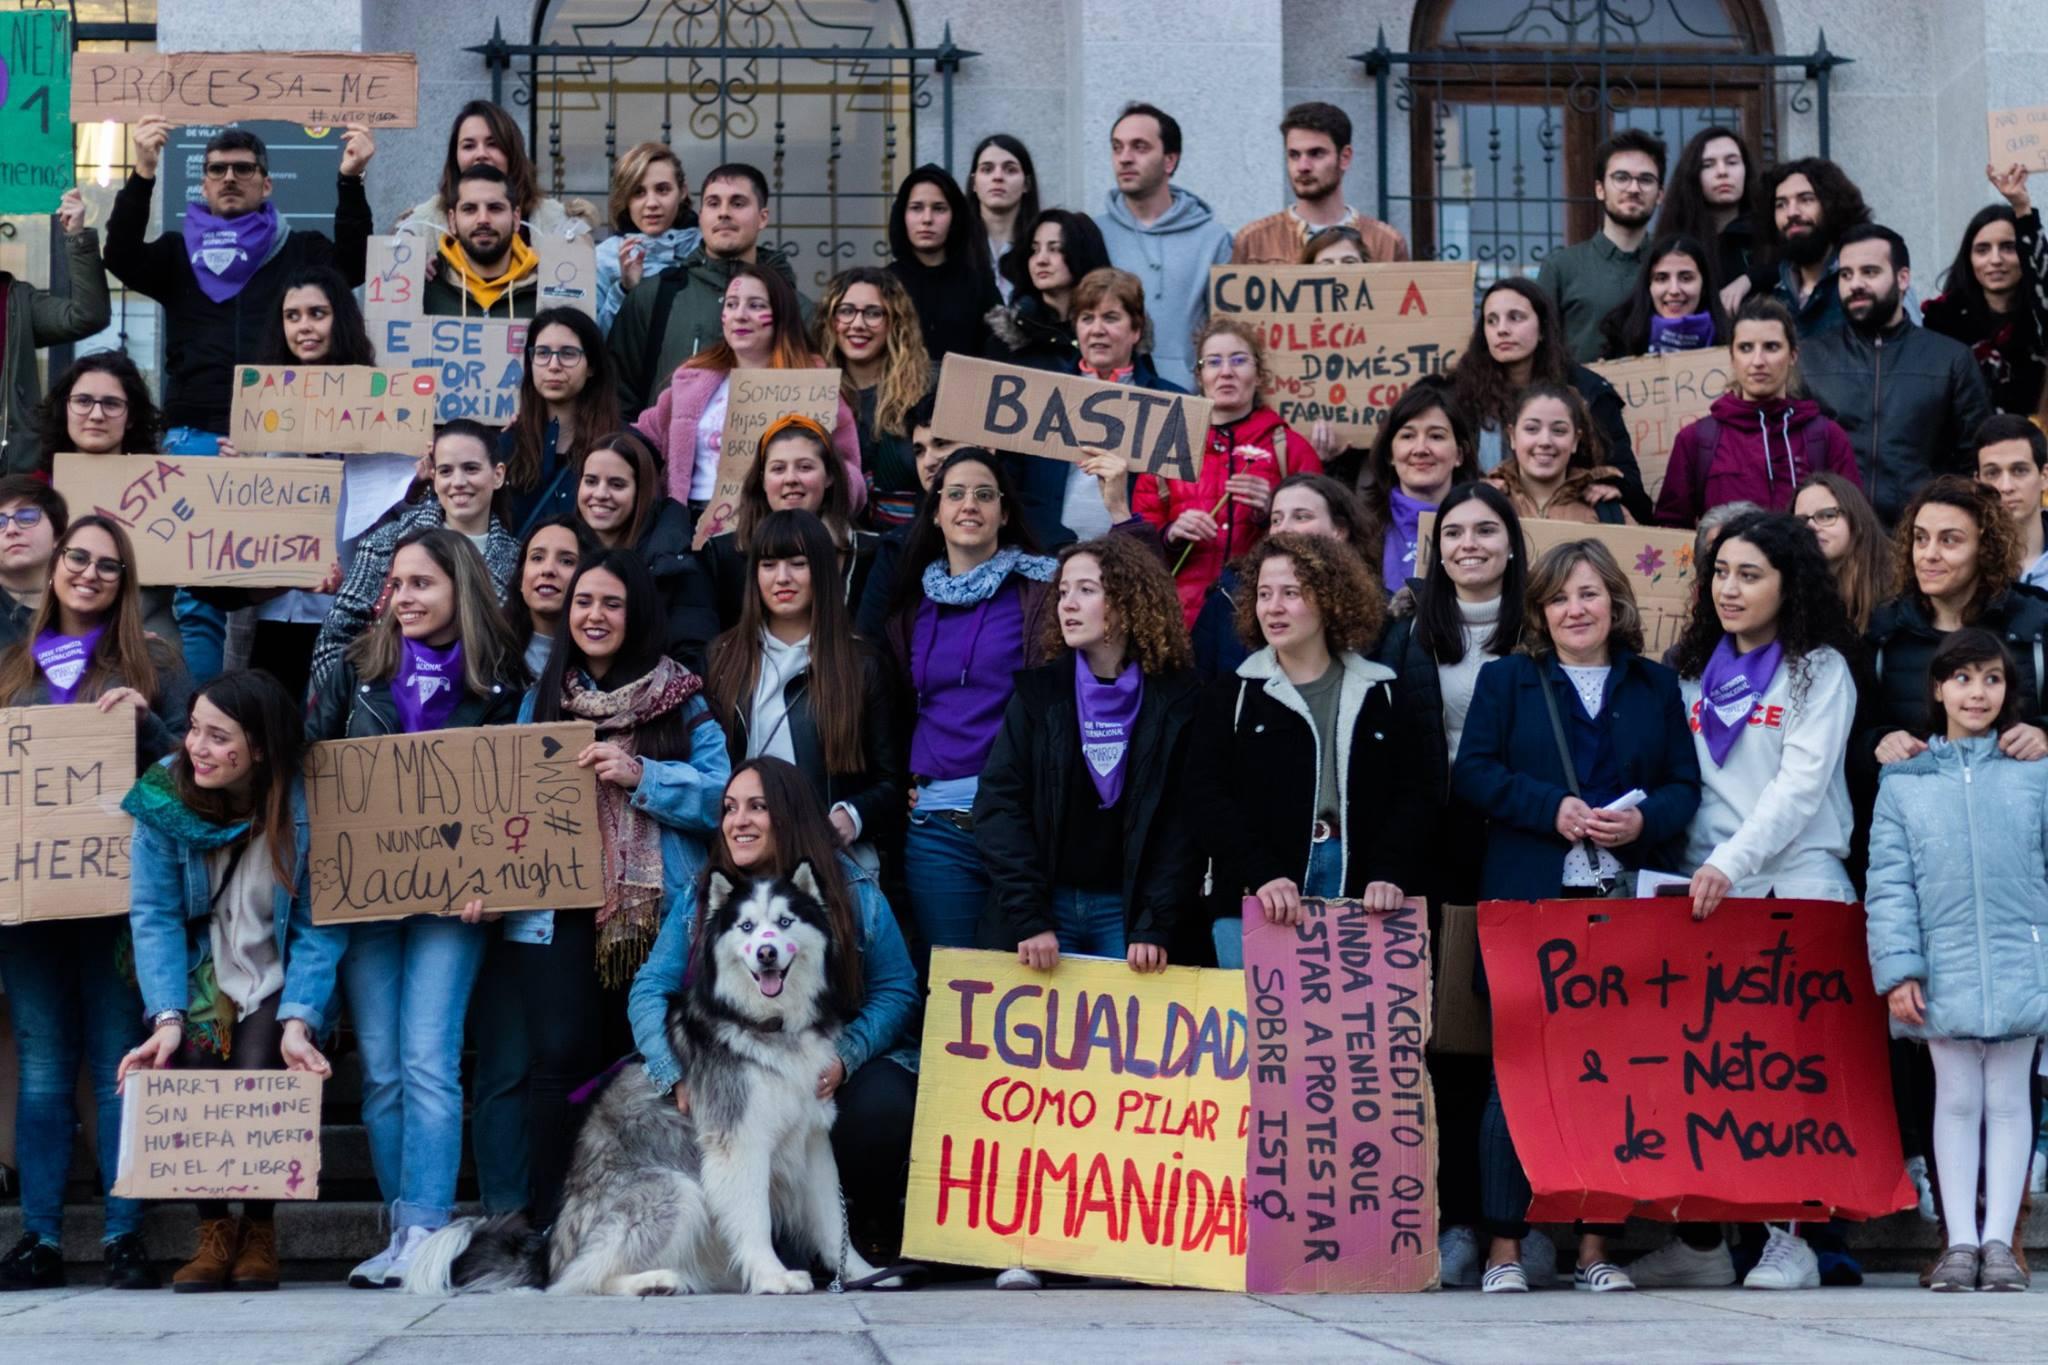 Rede 8 de Março convoca Greve Feminista Internacional em Portugal para o dia 8 de Março 2020